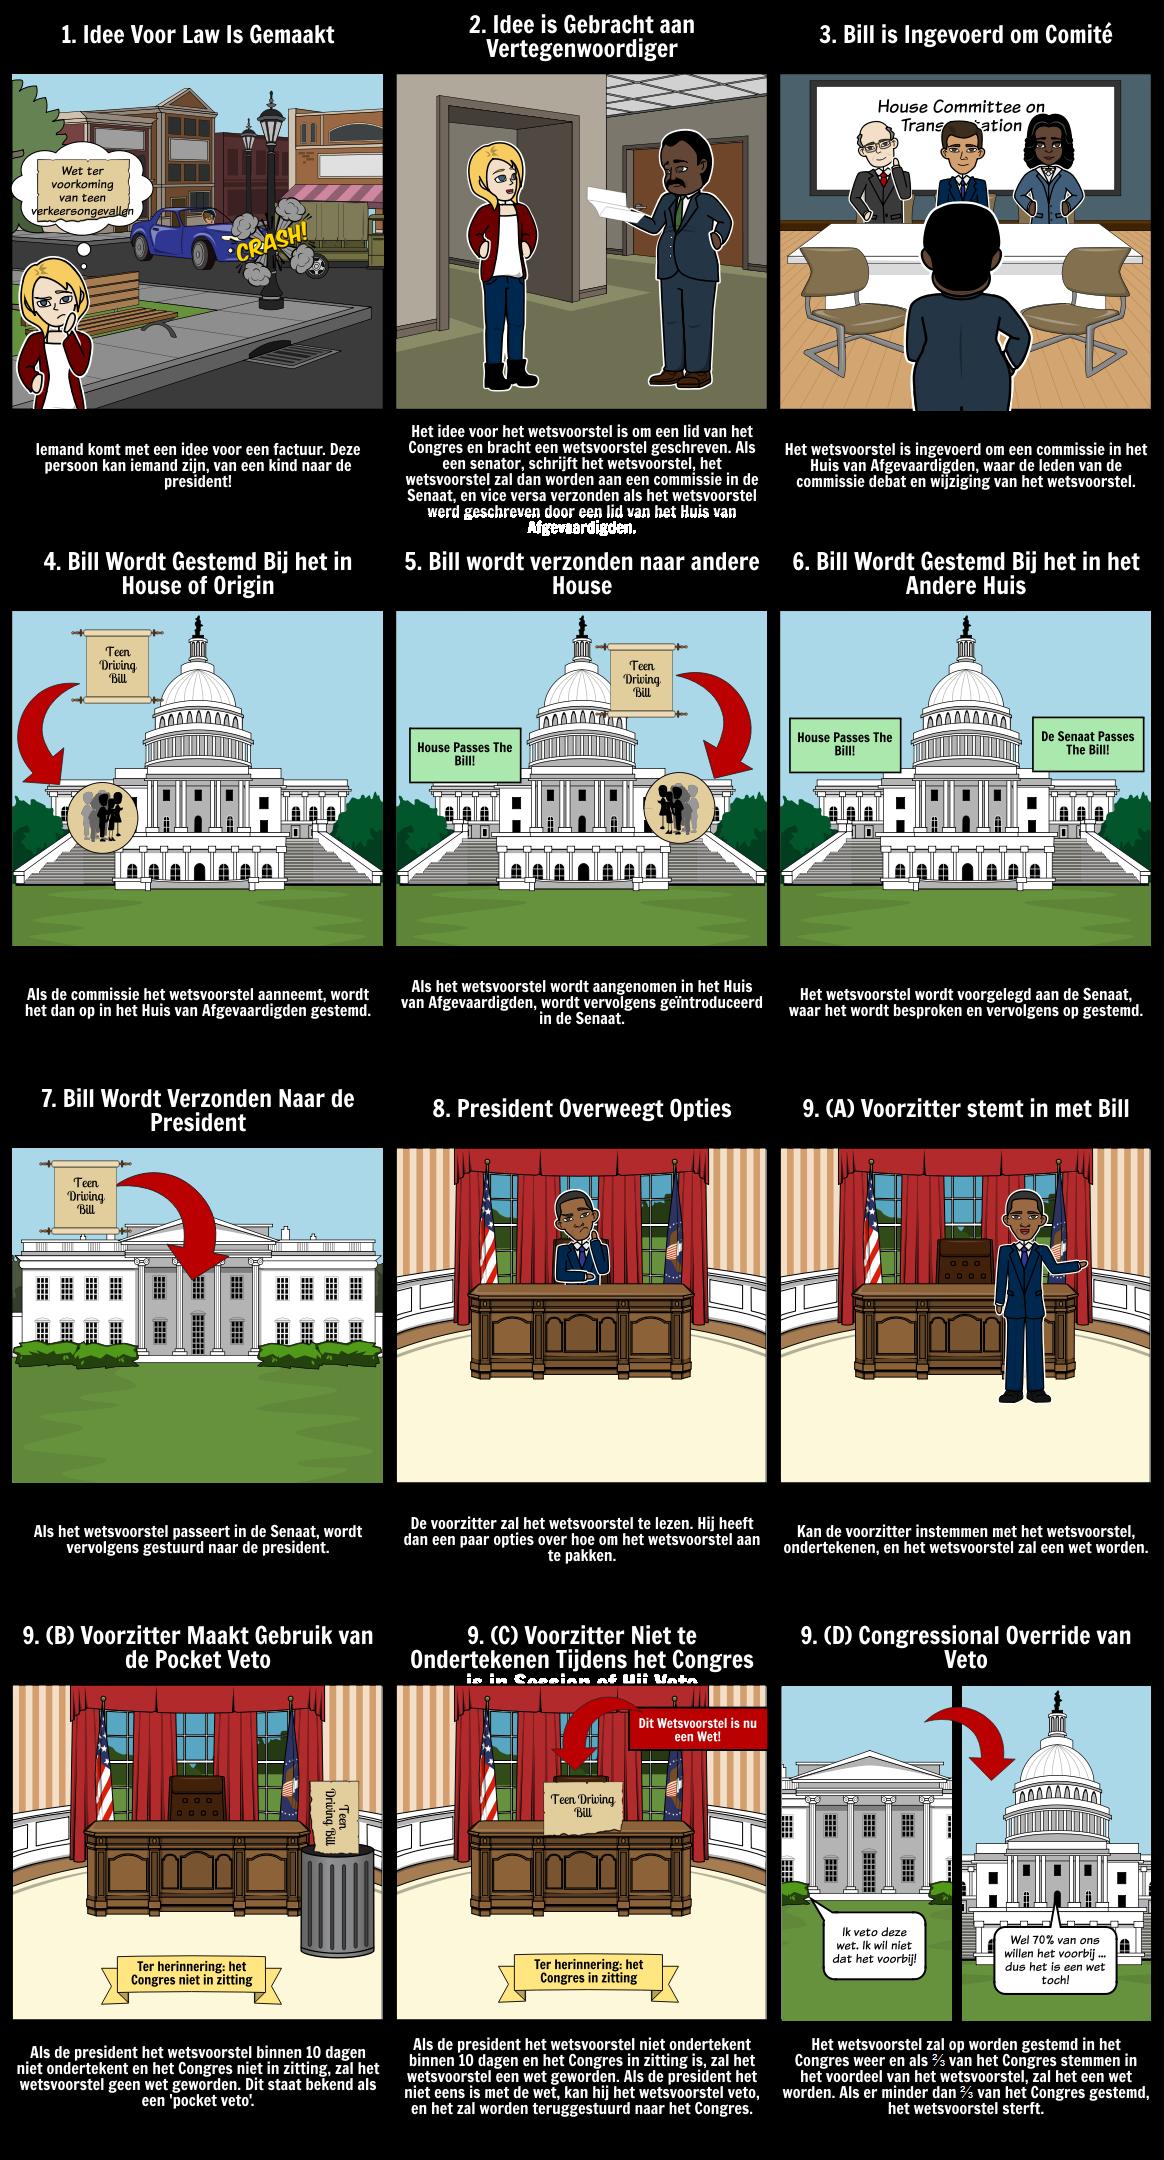 Hoe een Bill Wordt A Law